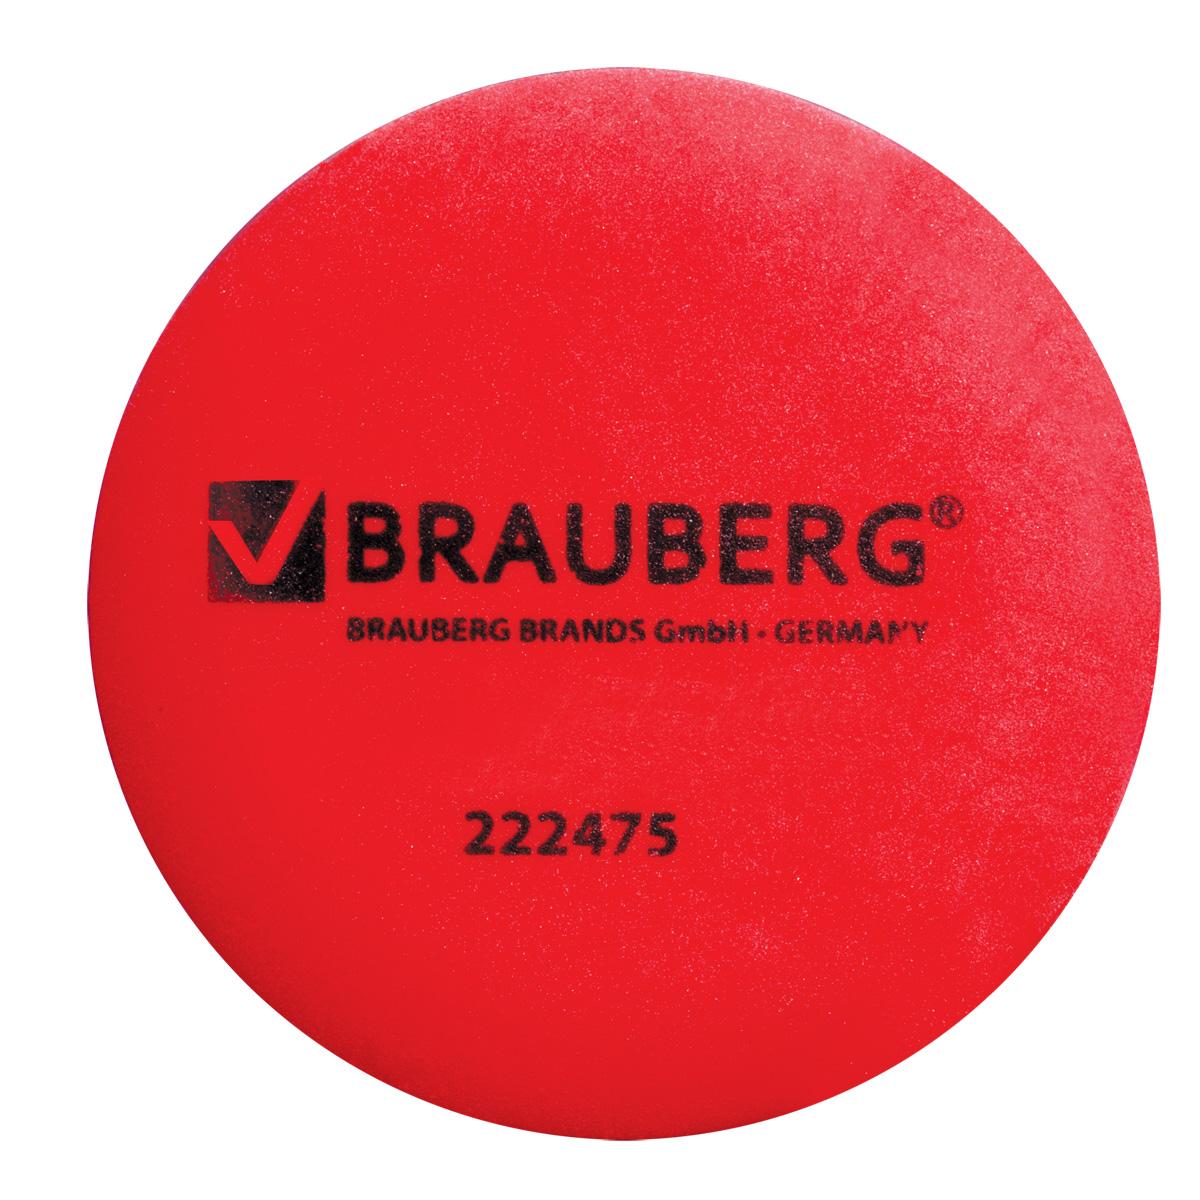 Brauberg Ластик Bombe круглый222475Ластик Brauberg Bombe предназначен для удаления надписей, сделанных карандашом. Обеспечивает лёгкое и чистое стирание без повреждения поверхности бумаги и без образования бумажной пыли. Круглая эргономичная форма. Диаметр - 55 мм. Уважаемые клиенты!Обращаем ваше внимание на цветовой ассортимент товара. Поставка осуществляется в зависимости от наличия на складе.